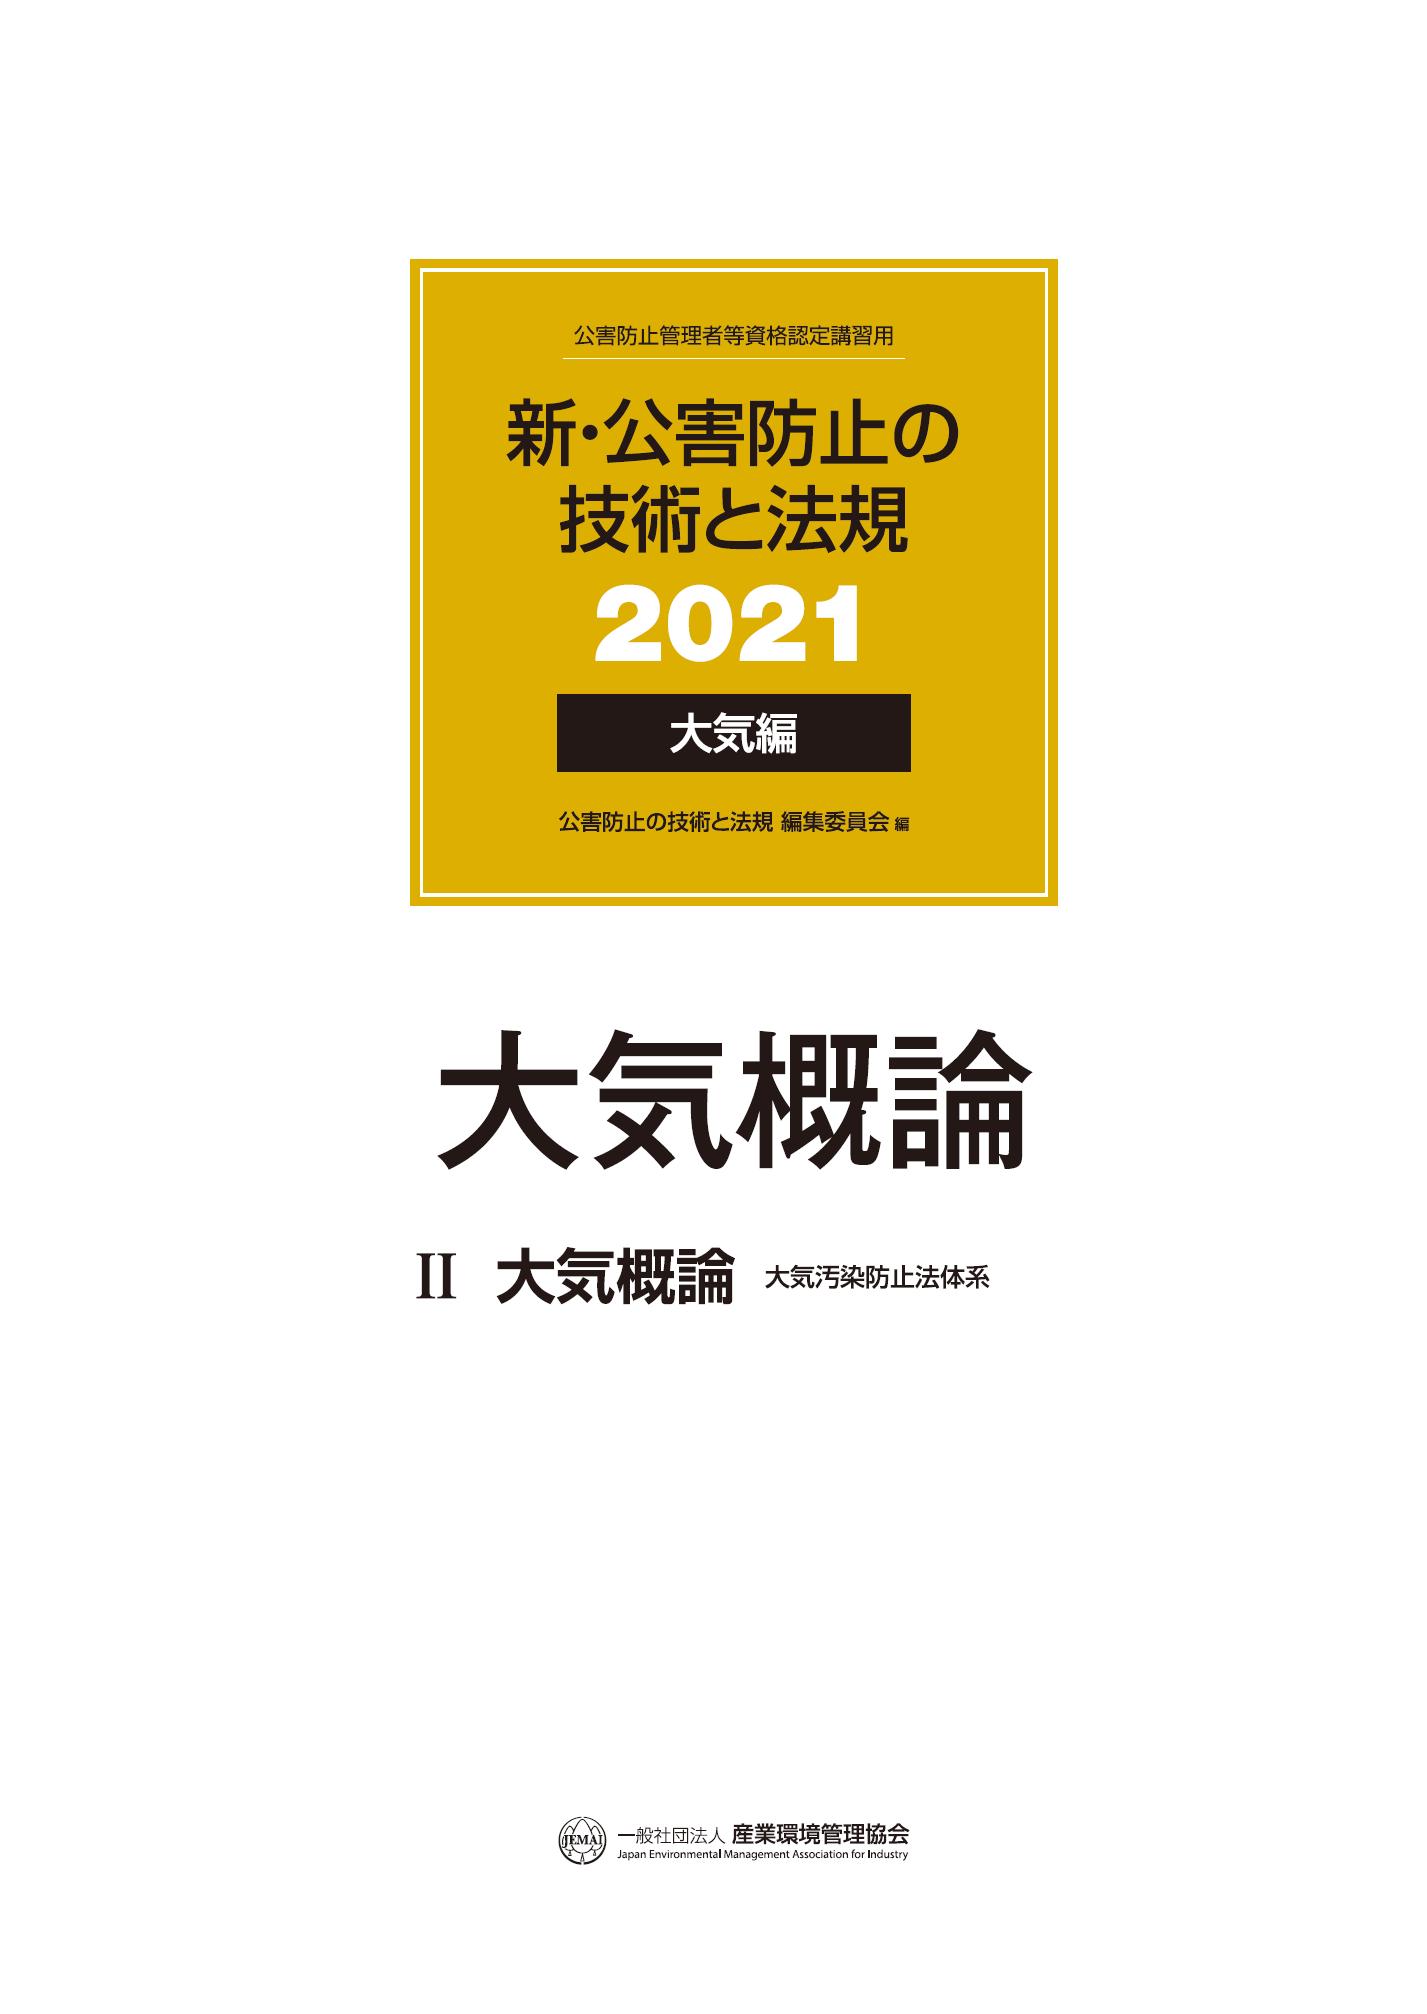 11_taikigairon2021.png